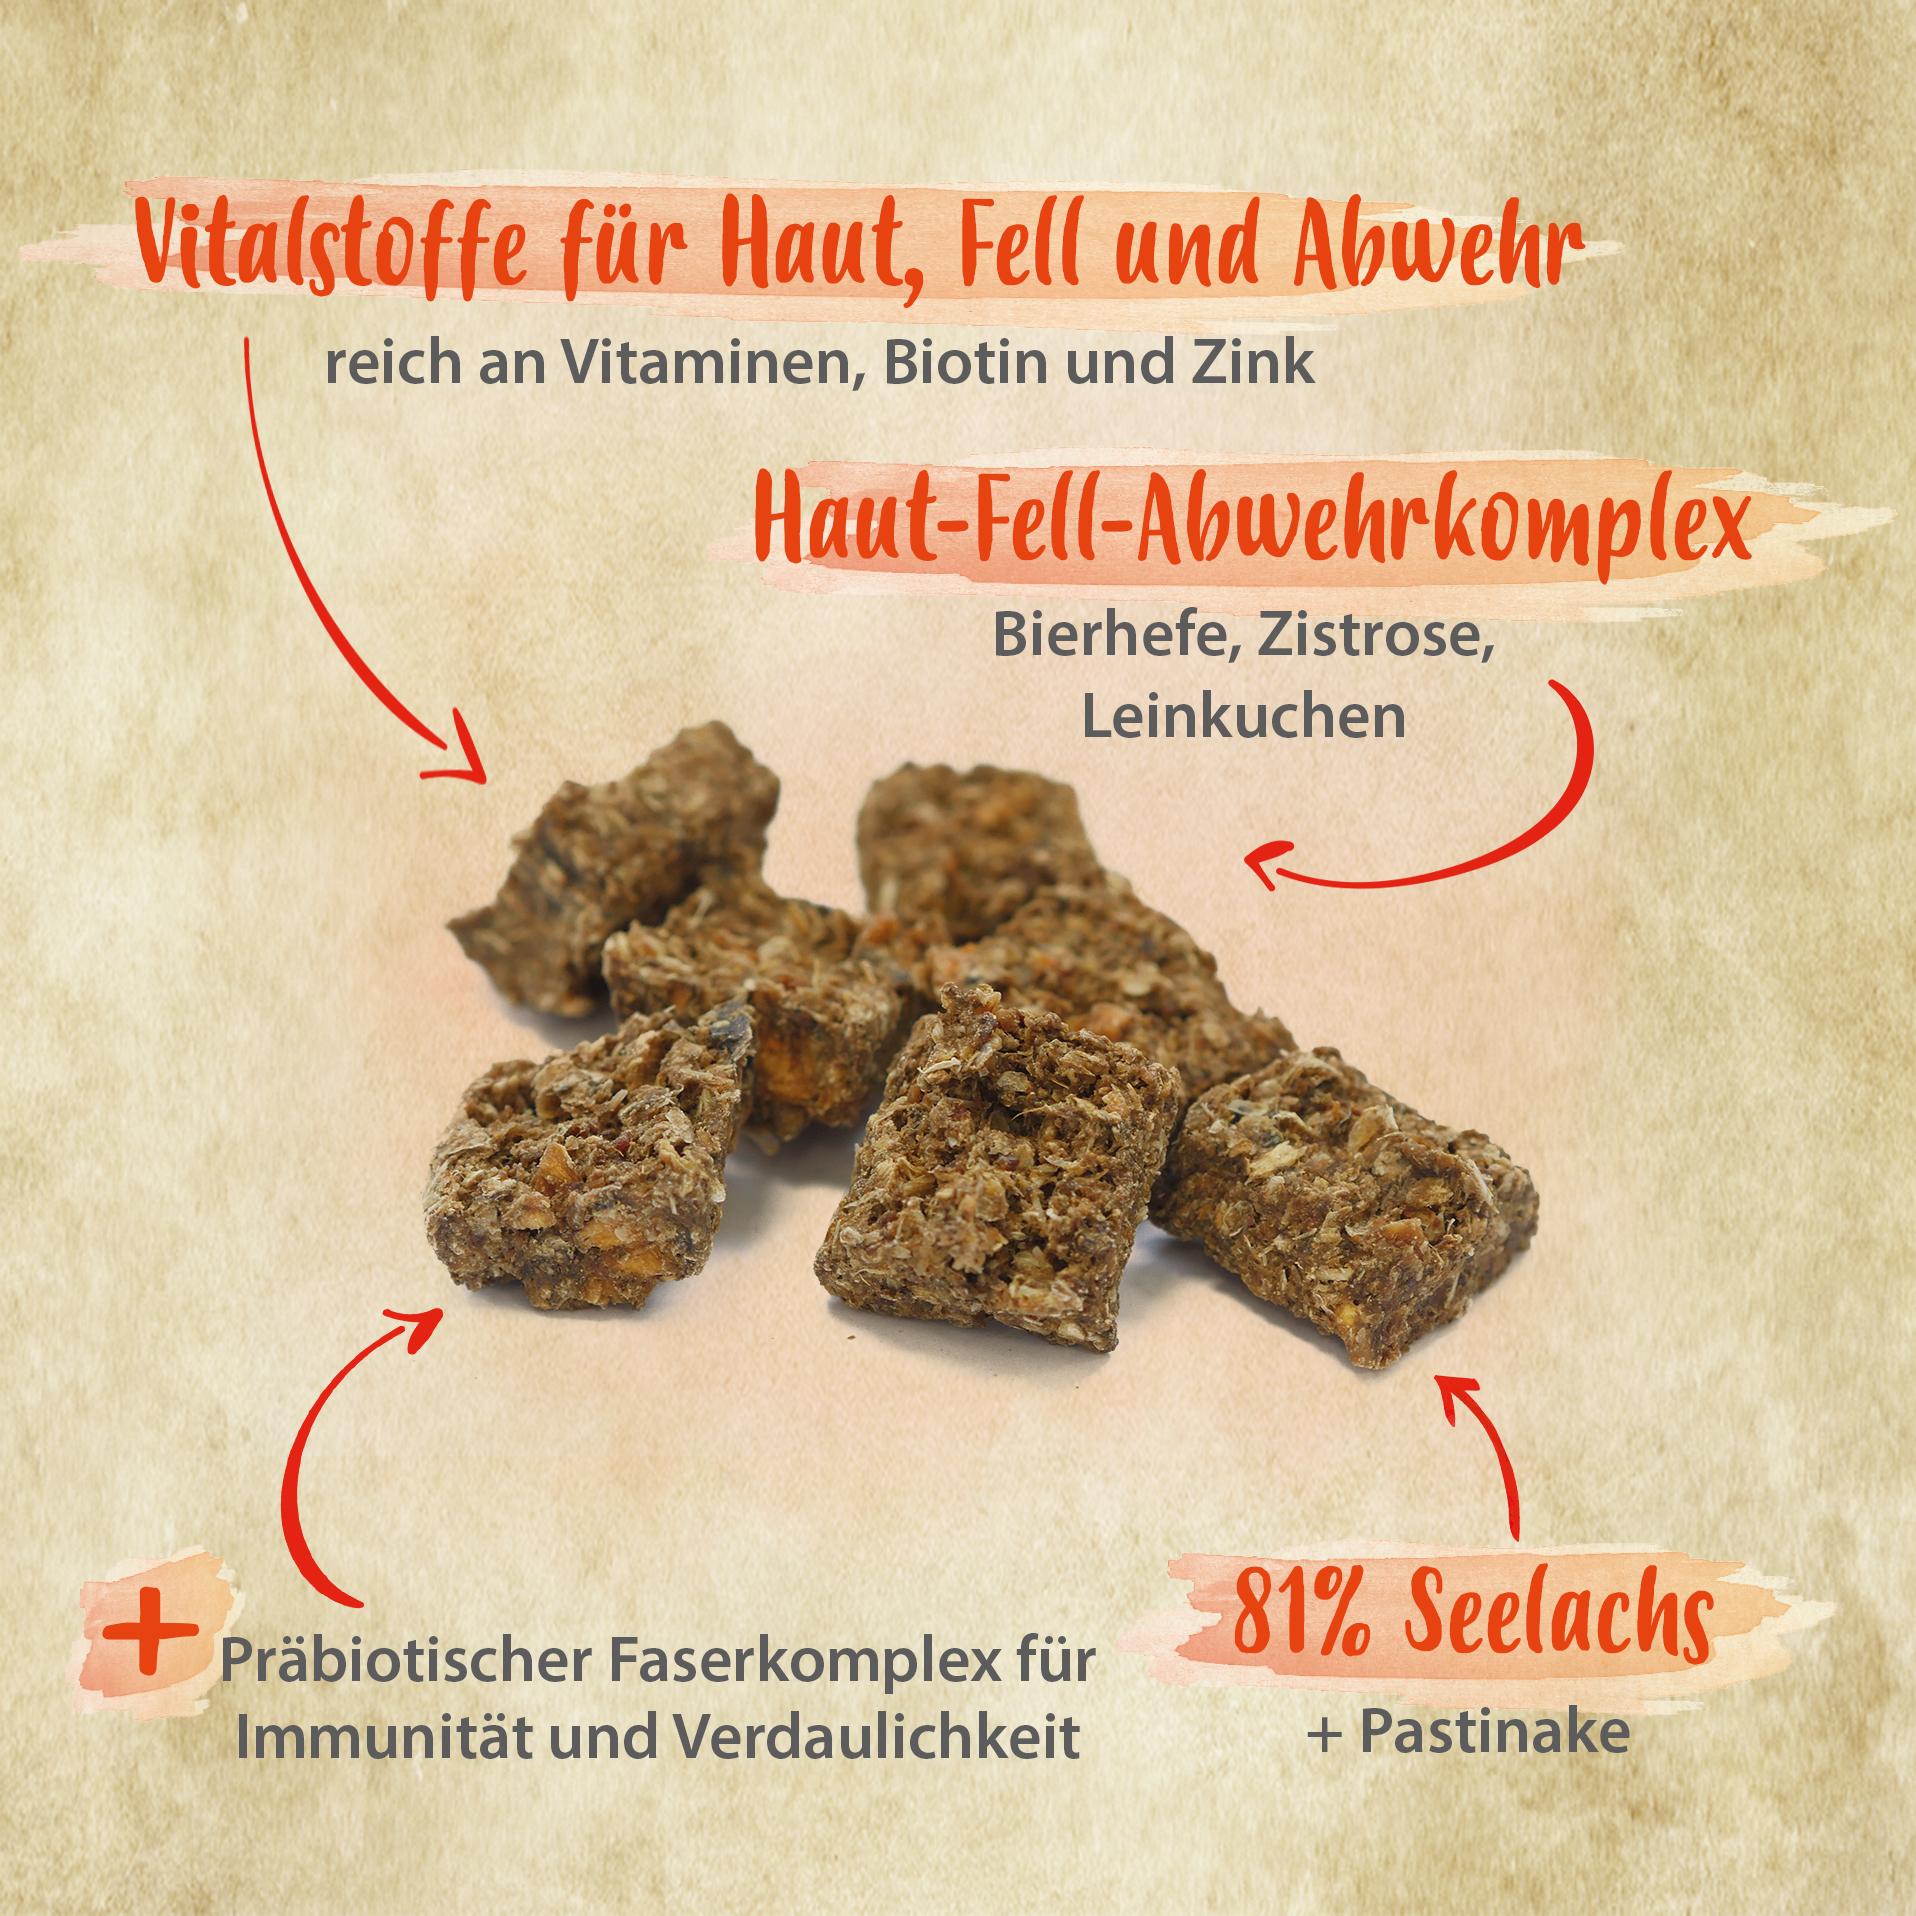 Herzensbrecher - für glänzendes Fell, gesunde Haut, starke Abwehrkräfte - 150 g